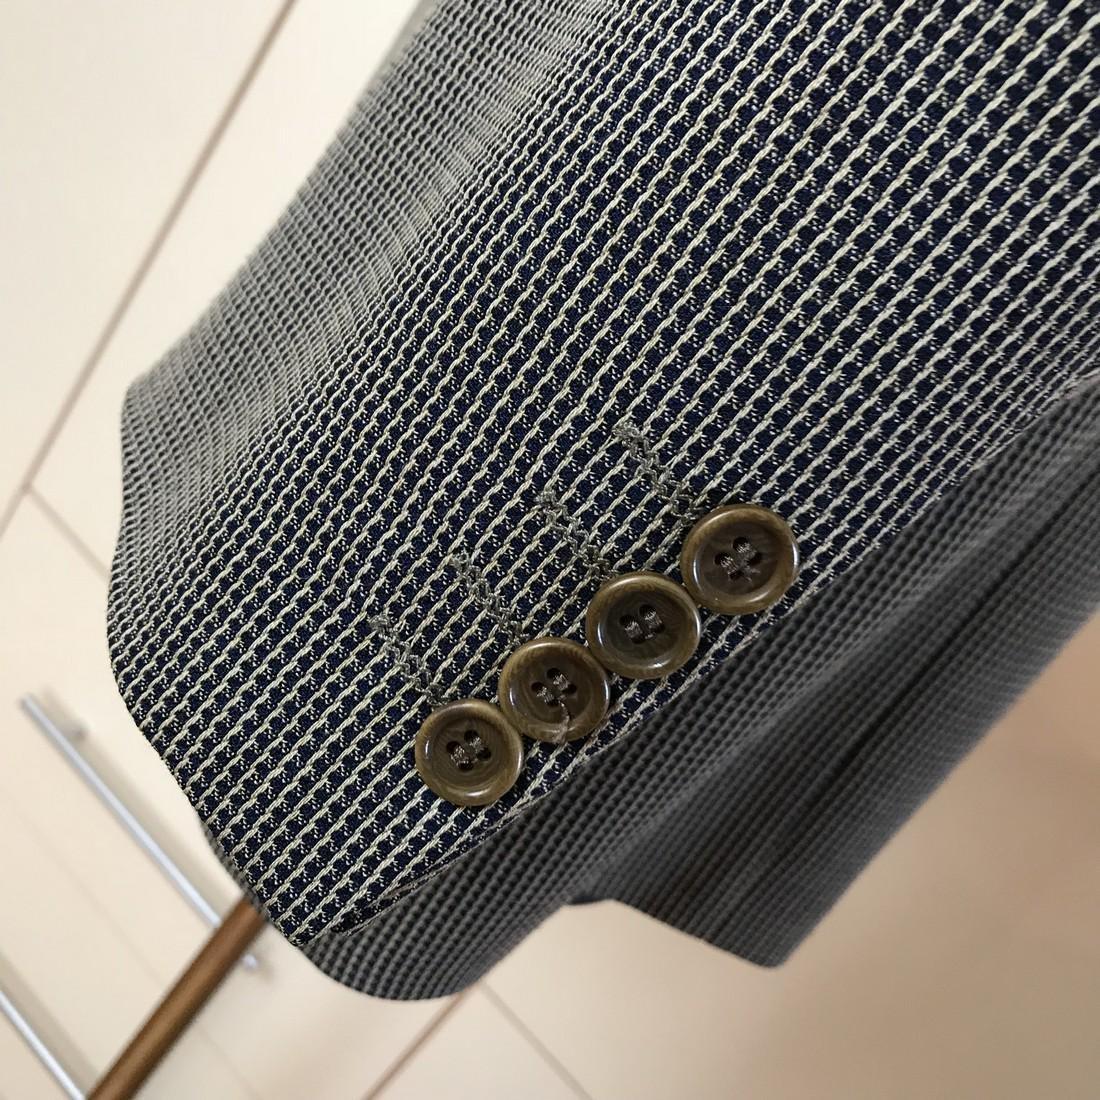 Men's HUGO BOSS Blazer Size 44 Short US/UK or 54 Short - 4